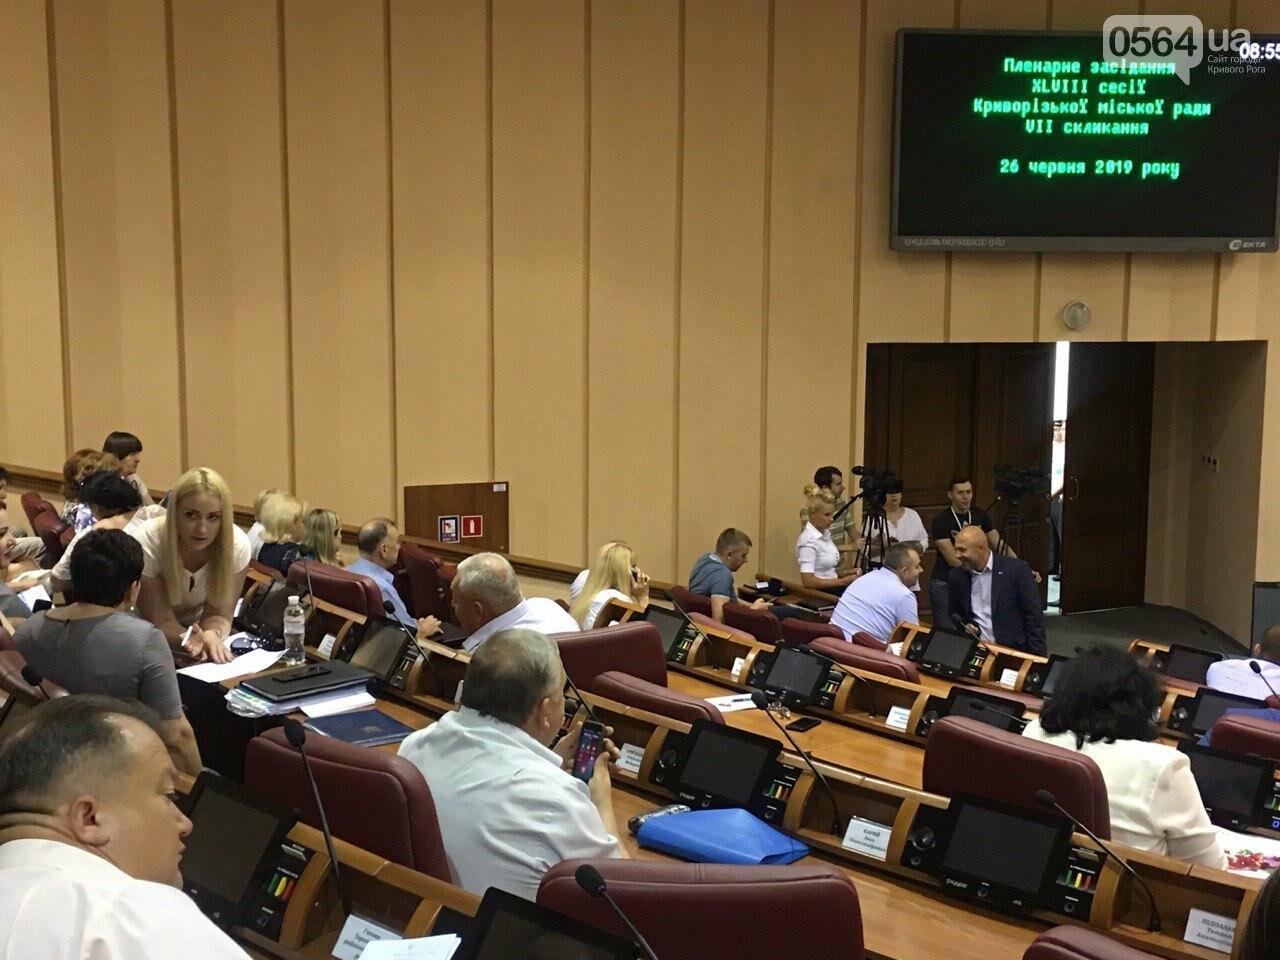 Депутат, который служит в зоне ООС, покинул фракцию Опоблока в Криворожском горсовете , - ФОТО, фото-6